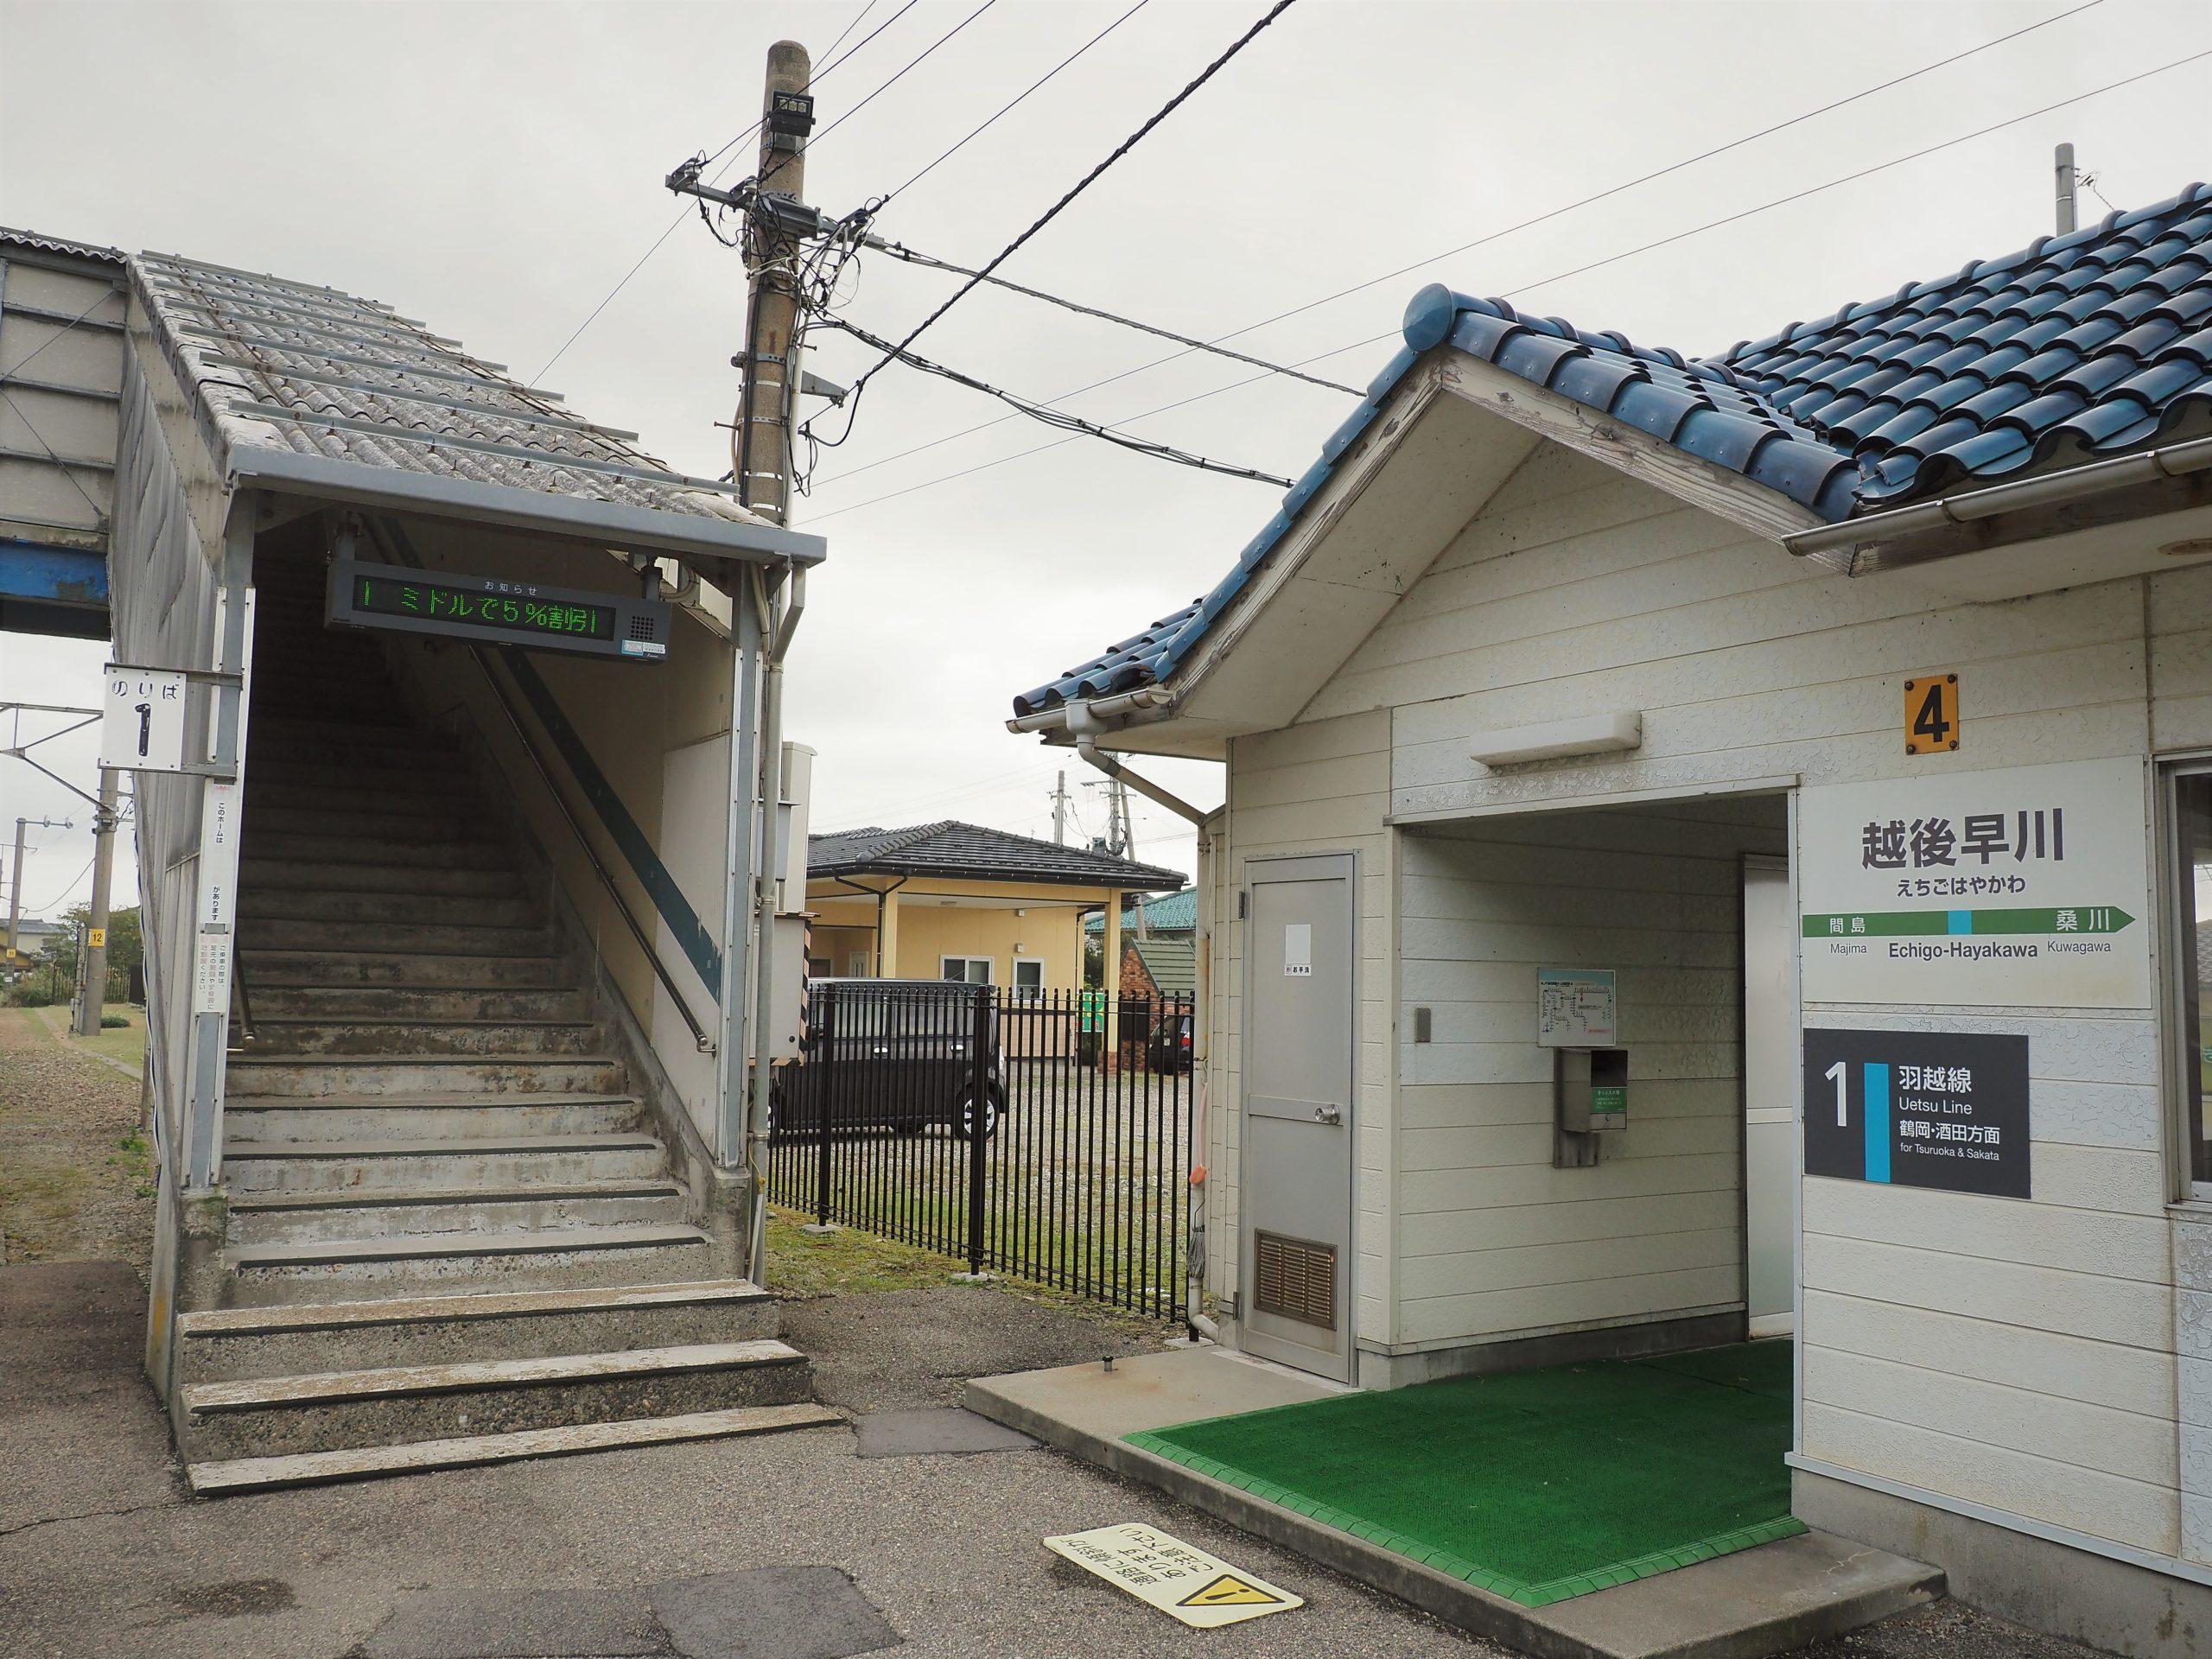 新潟県 越後早川駅